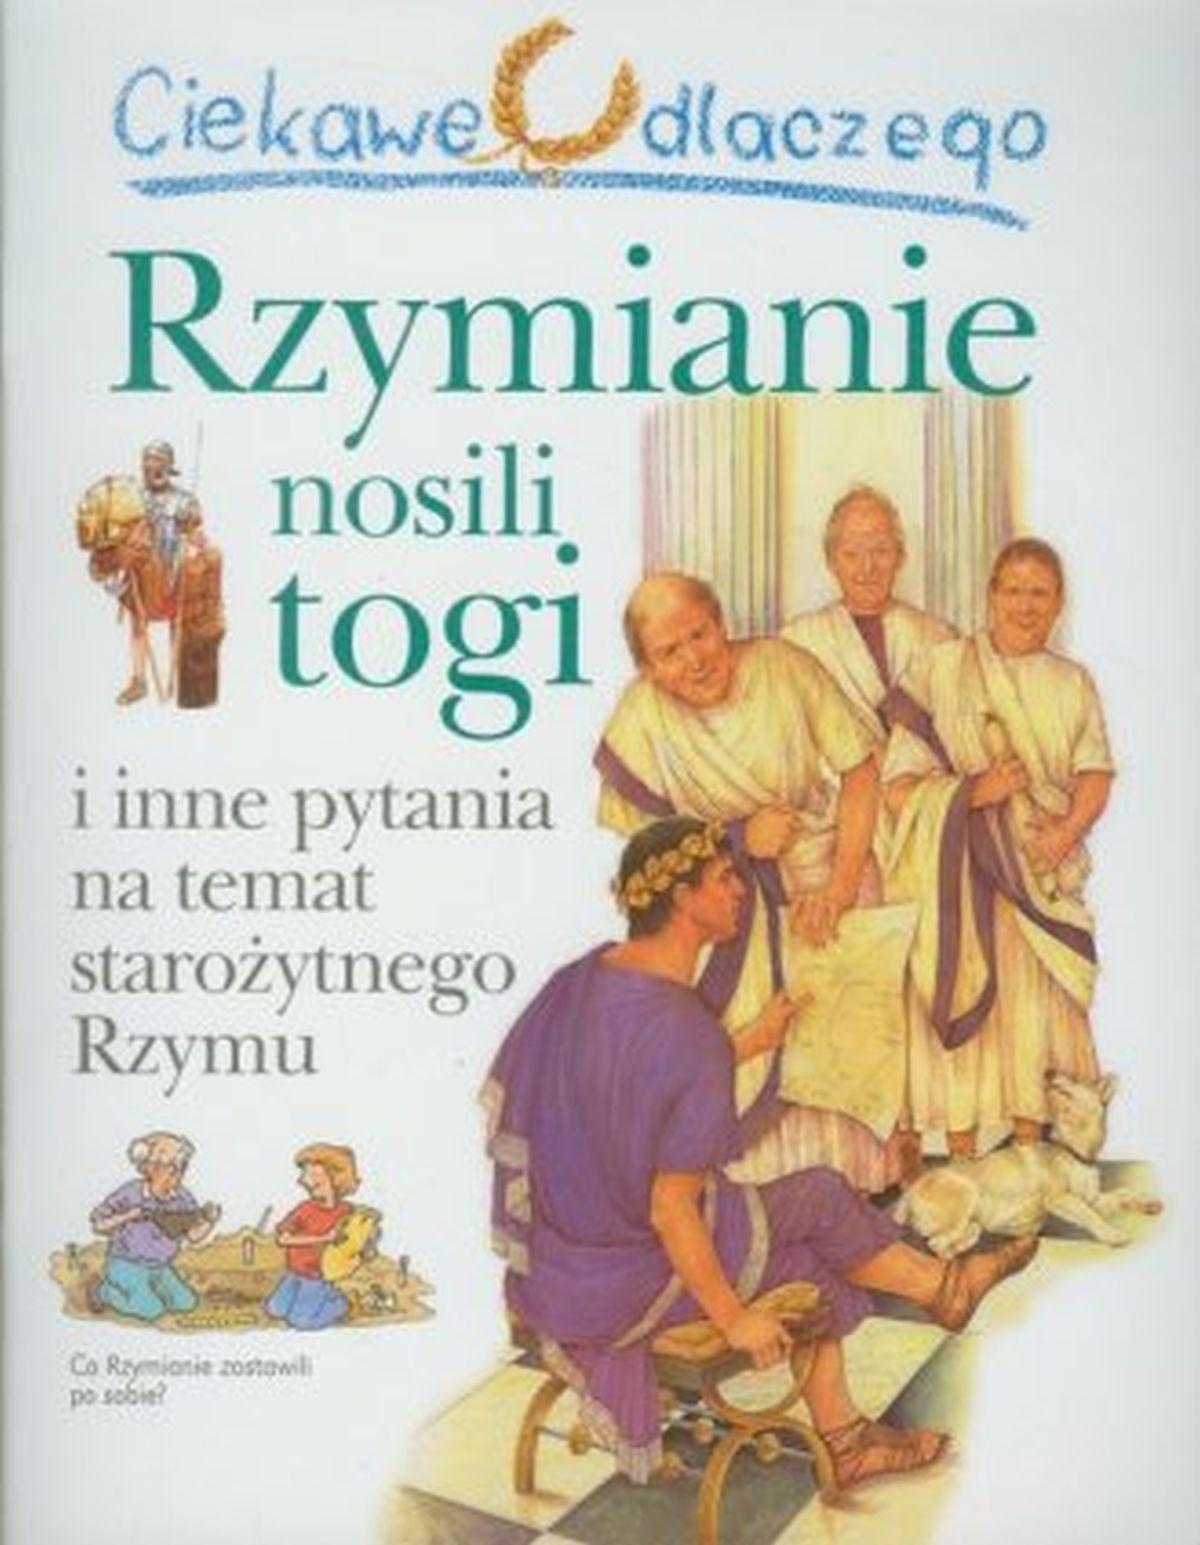 Ciekawe dlaczego Rzymianie nosili togi i inne pytania na temat starożytnego Rzymu